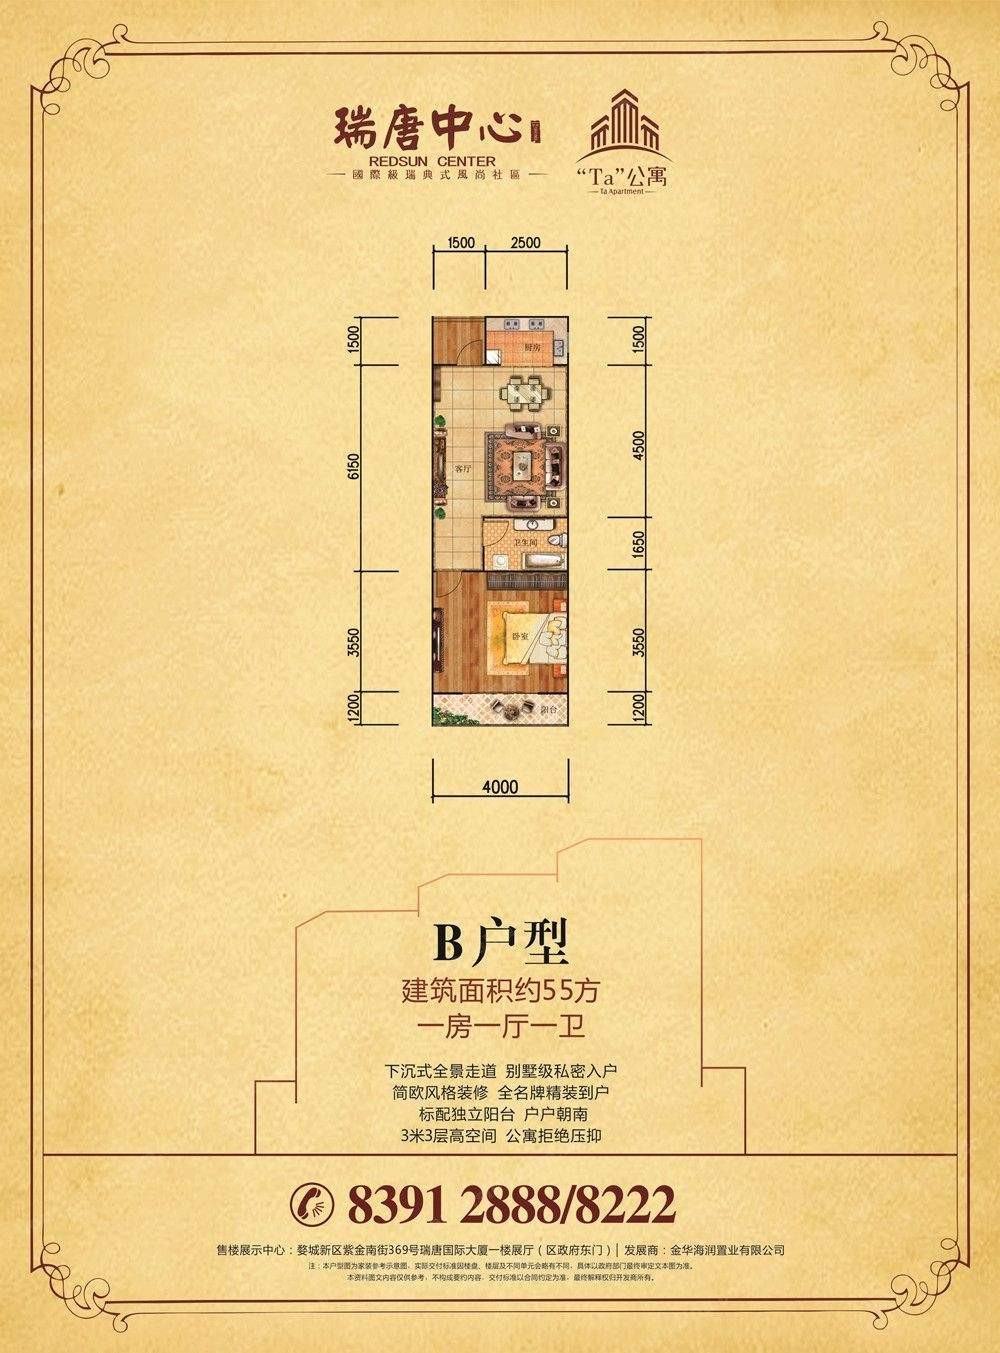 瑞唐中心户型图